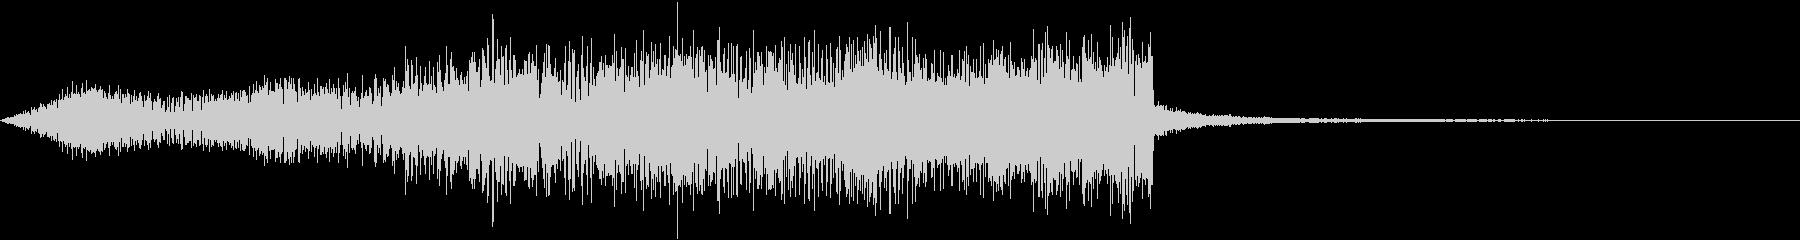 高音の電子音とドンドンと響く低音がマッチの未再生の波形